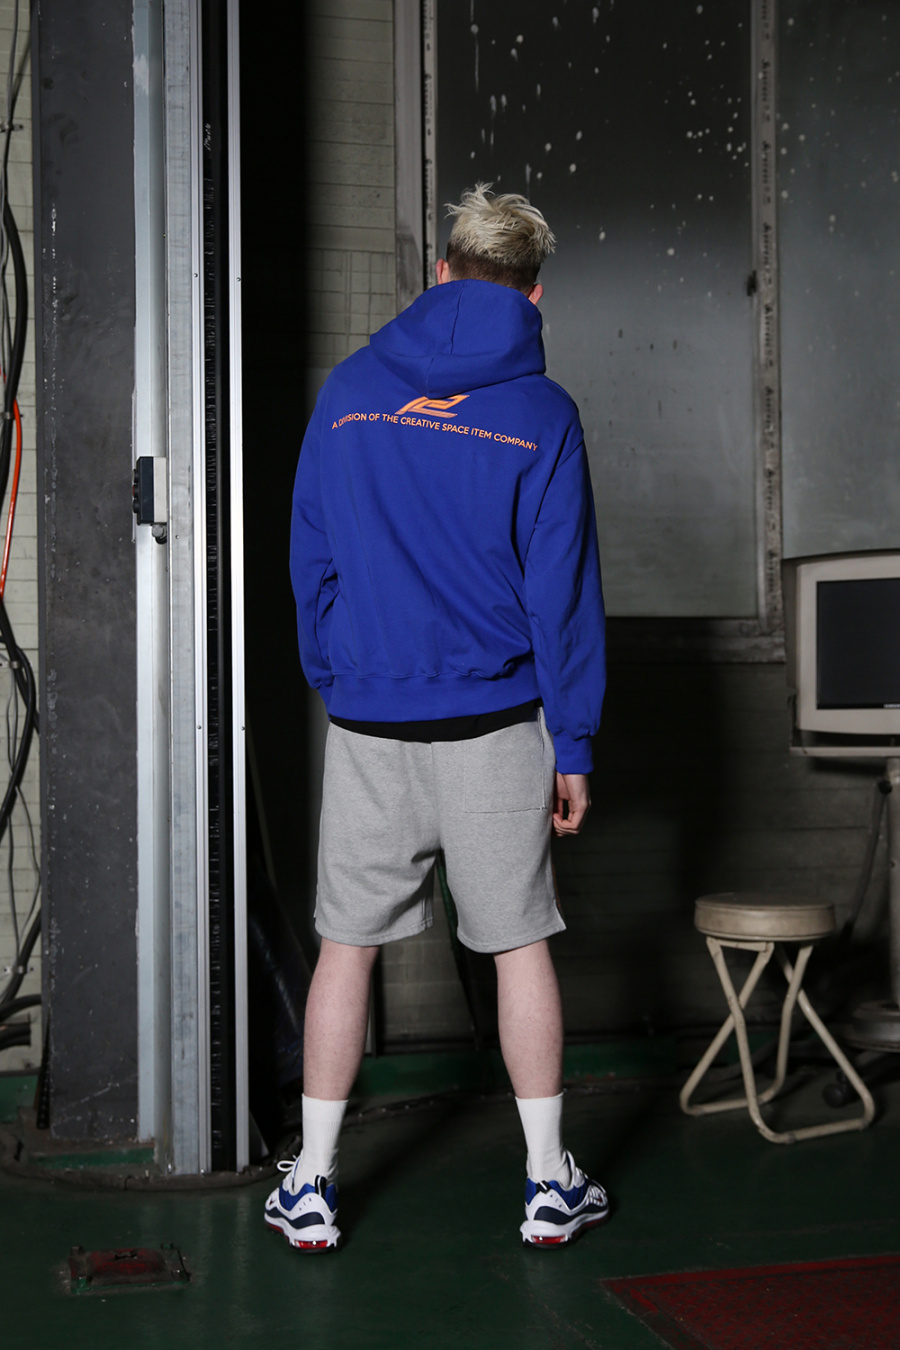 알디브이제트(RDVZ) 컨퀘스트 스웻 숏 팬츠 그레이